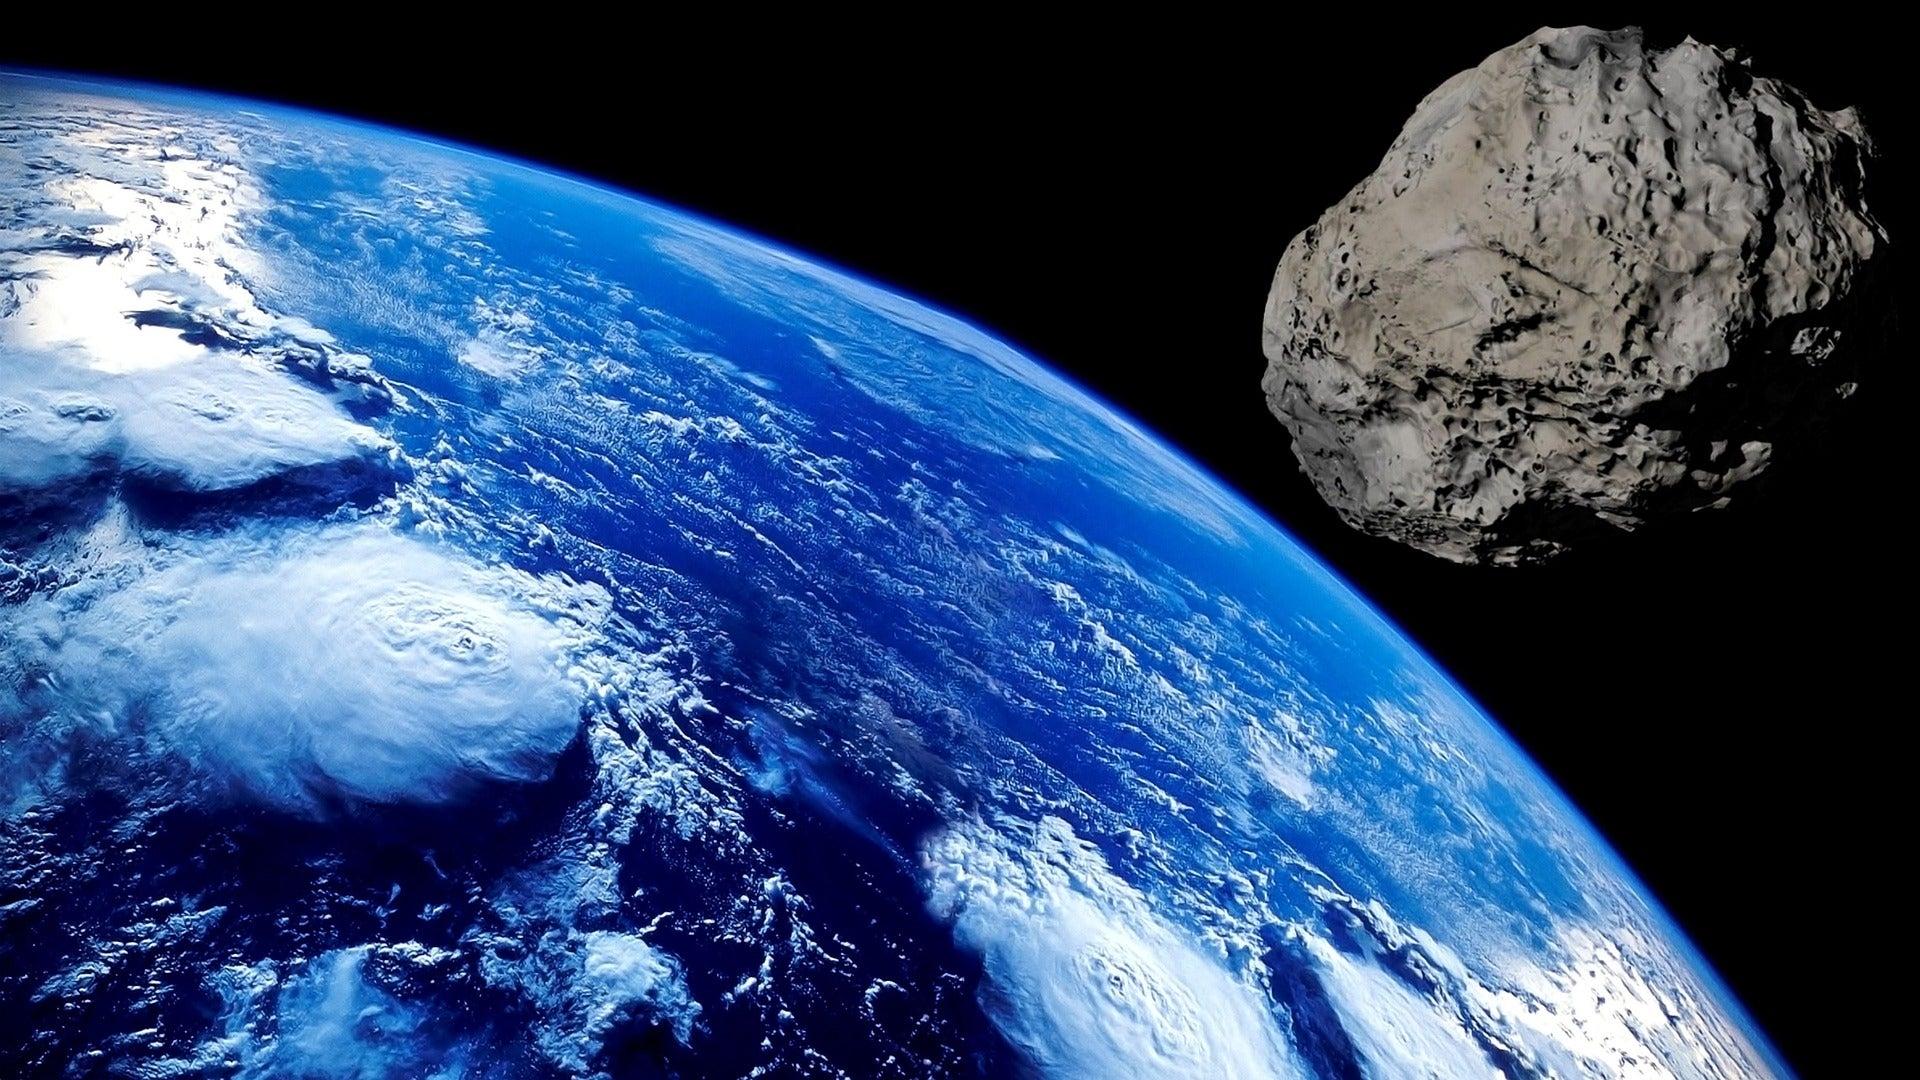 Asteroide pasará cerca de la Tierra a 5 millones de kilómetros de distancia